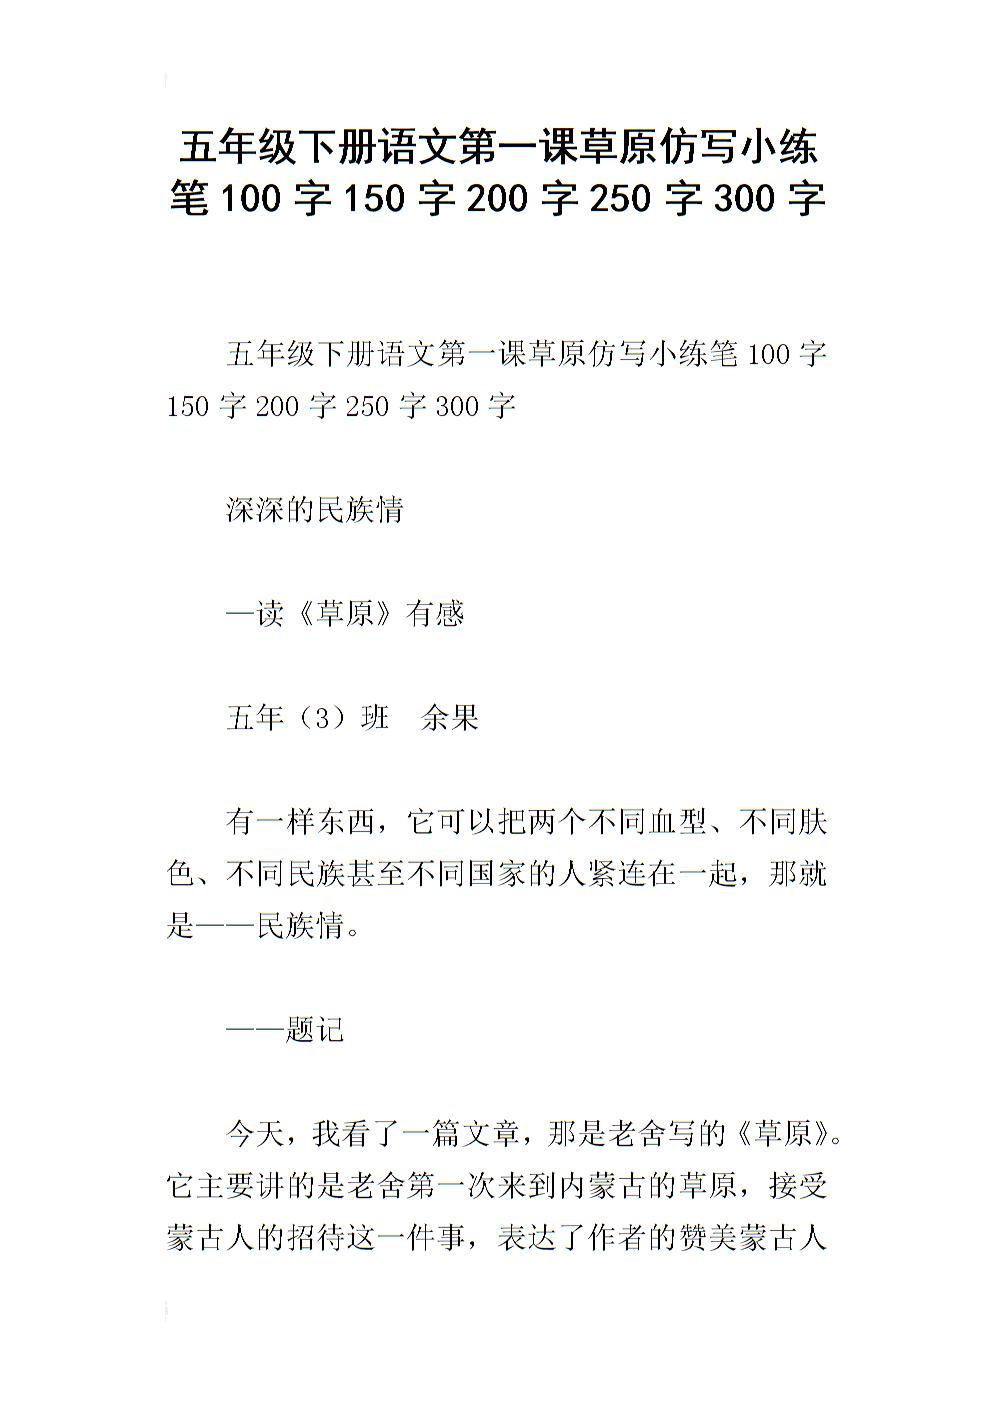 五草原下册课堂第一课课件仿写小练笔100字150字200字v草原语文水年级的图片